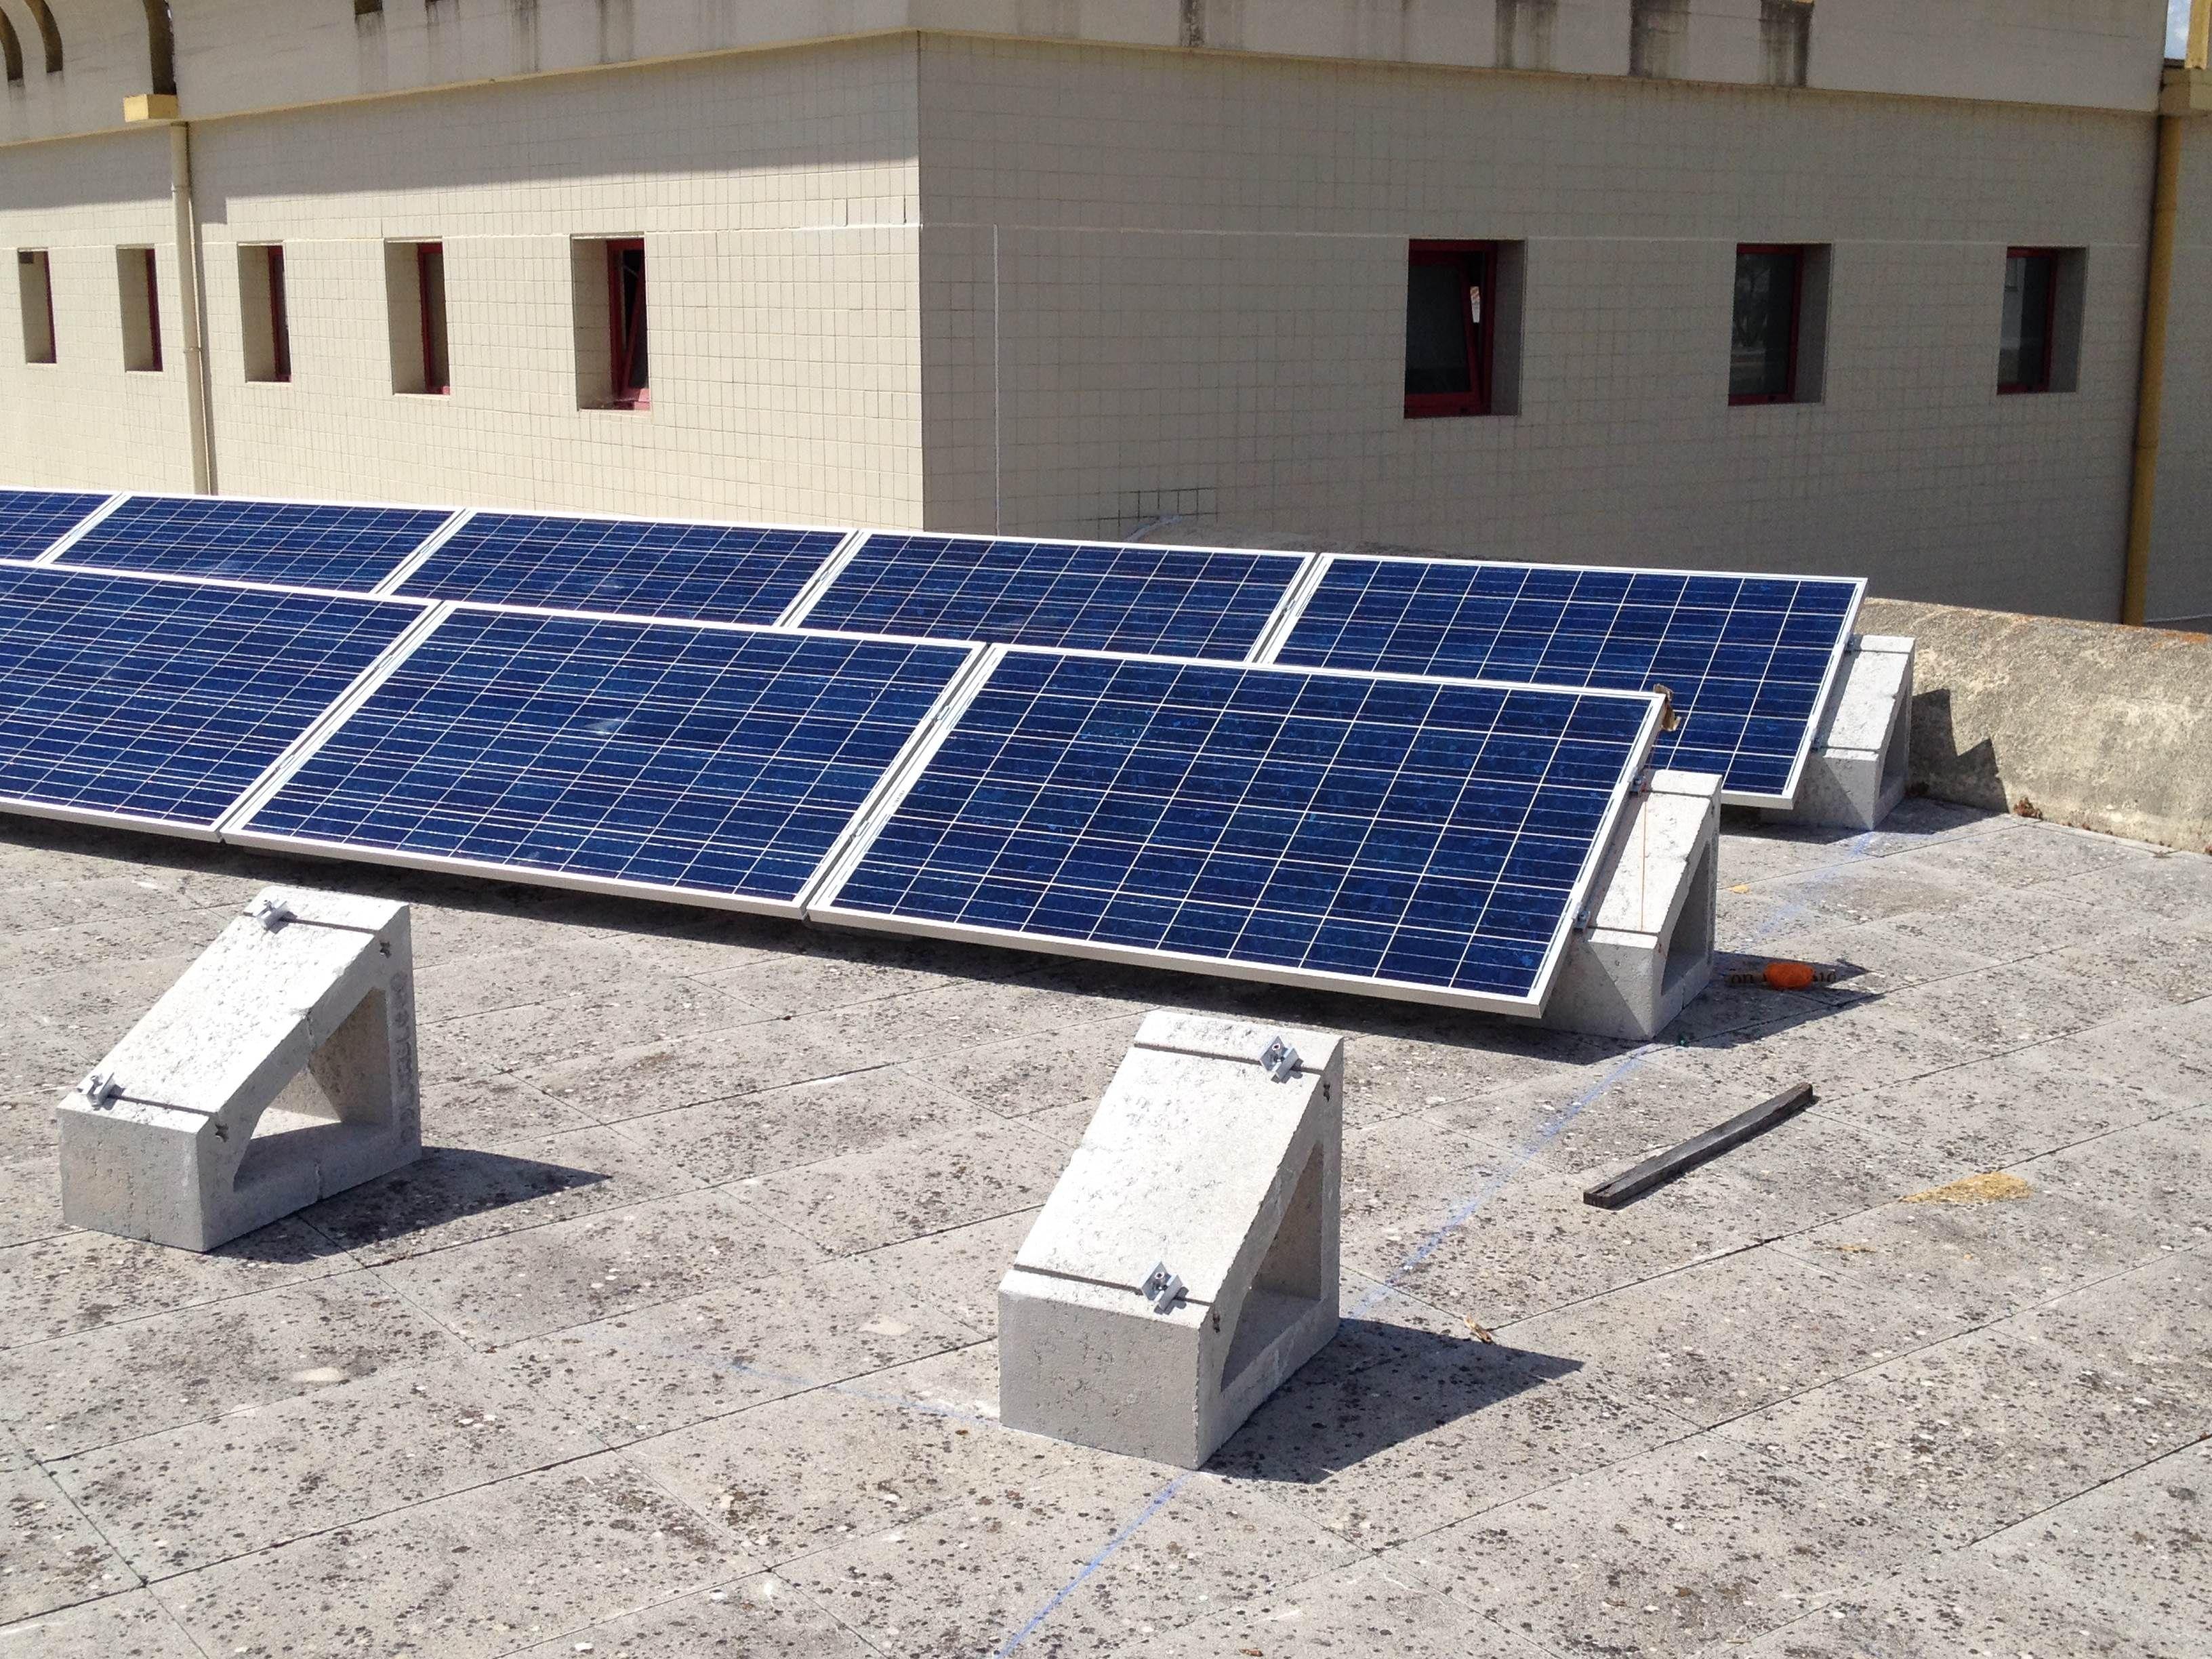 Soporte Prefabricado De Hormigon Para El Montaje De Paneles Solares Sobre Cubiertas Y Superficies Pl Paneles Solares Instalaciones Fotovoltaicas Placas Solares